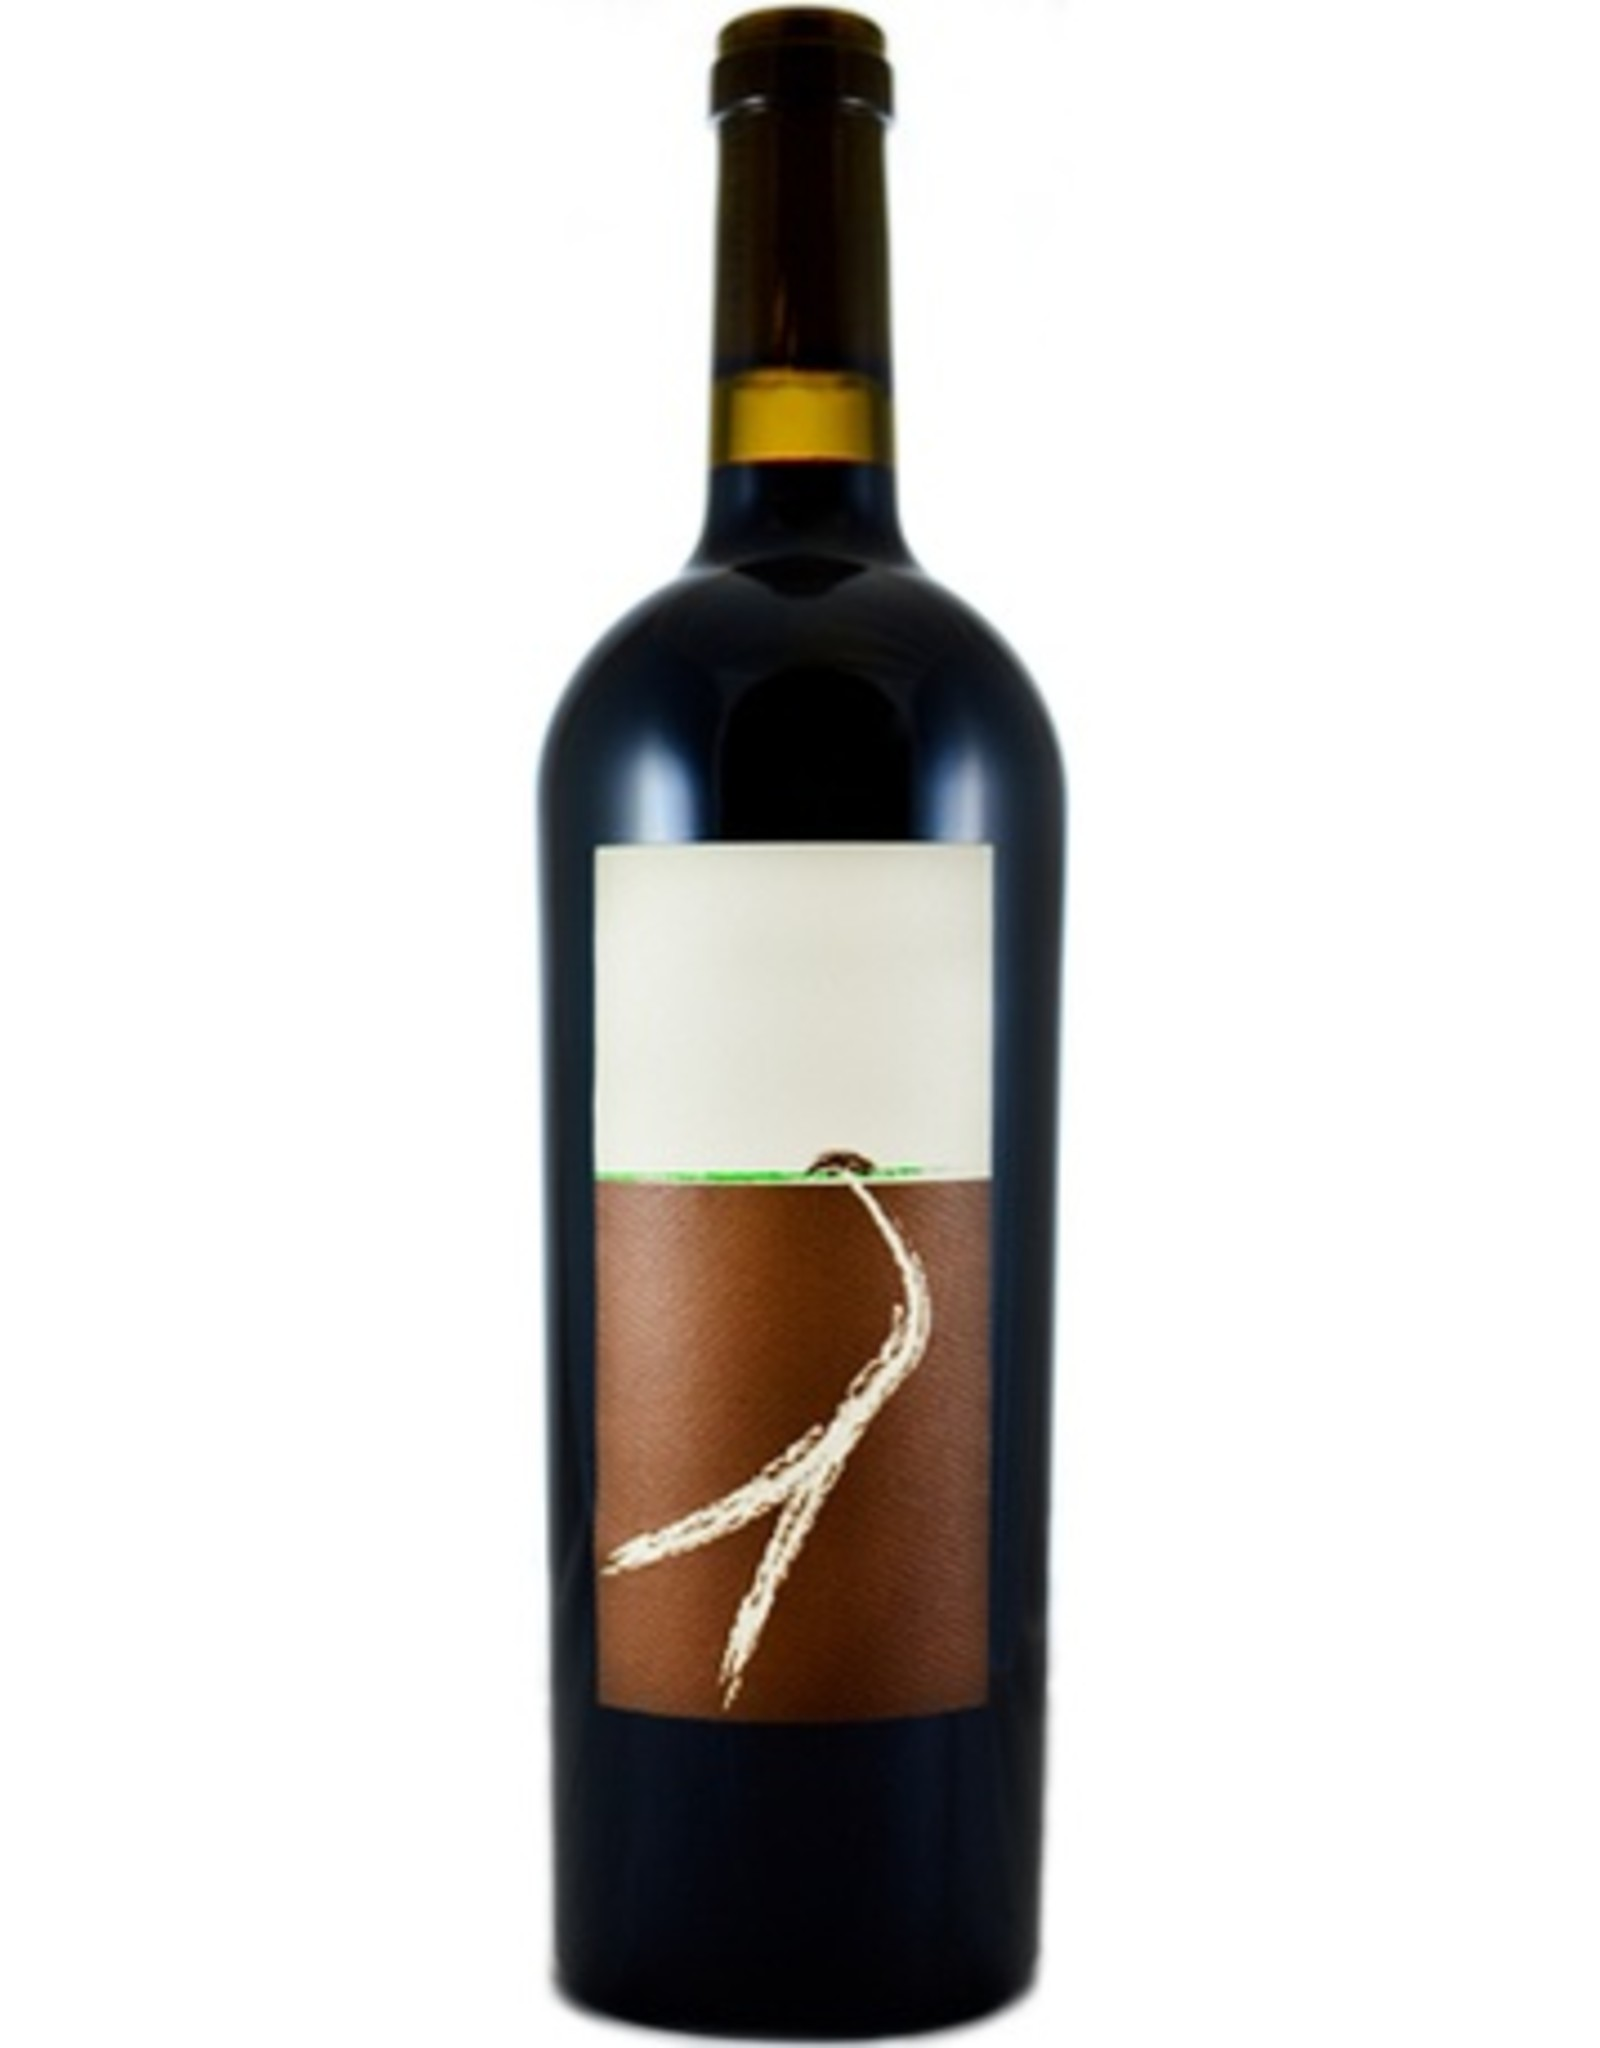 Red Wine 2013, Lail Mole Hill, Cabernet Sauvignon, Howell Mountain, Napa Valley, California, 15.7% Alc,